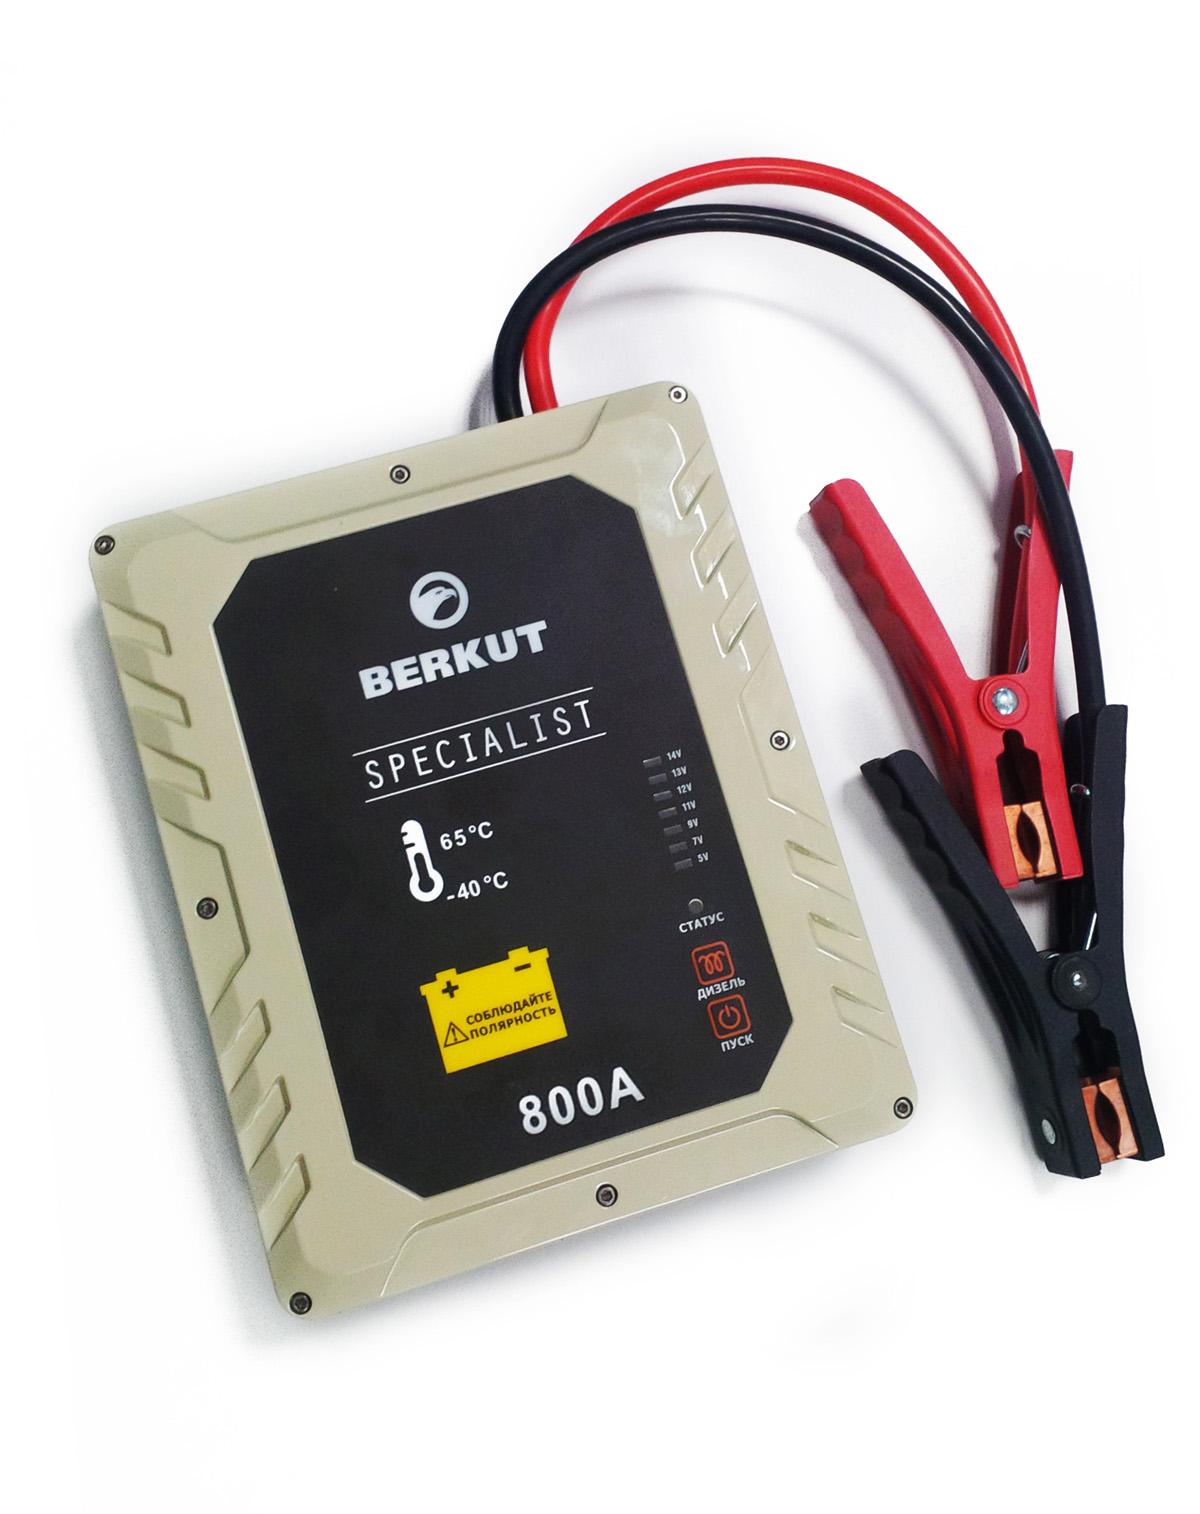 Пуско-зарядное устройство Berkut. JSC800JSC-800Специальное пусковое автомобильное устройство Berkut конденсаторного типа предназначено для аварийного запуска двигателя транспортного средства в случае неисправной АКБ. Главным достоинством устройства, отличающим его от прочих аналогов, является отсутствие аккумуляторов. Вместо них применены электроконденсаторы сверхбольшой емкости (ионисторы). Применение конденсаторного накопителя заряда позволяет гарантированно запустить двигатель автомобиля как с основательно разряженной АКБ, причем даже в том случае, когда ее остаточная емкость составляет всего 5%, так и без аккумулятора с предварительной зарядкой от АКБ или розетки прикуривателя другого автомобиля, а также от зарядного устройства с разъемом микро USB. Пусковое устройство рекомендовано для любых типов транспортных средств с бензиновым двигателем до 6000 см.куб. и дизельным двигателем до 4000 см.куб и напряжением бортовой сети 12В. Технические характеристики: - Напряжение на клеммах: 12 В- Пусковой ток: 800 A- Тип конденсаторов: пусковые, импульсные- Время зарядки от АКБ: до 5 мин- Время зарядки от прикуривателя 12V: 15-20 мин- Время зарядки от Мини USB 5V: 2-3 часа- Количество попыток запуска при полной зарядке: не более одного пуска- Диапазон температур для запуска и хранения: -40 °C +65 °C- Вход Micro USB: 5В (2000 мА) - Вход для зарядки: 12В (10 А) Функциональные особенности: - Не требует подзарядки во время хранения- Готов к использованию вне зависимости от продолжительности хранения- Режим для запуска двигателя автомобиля без аккумулятора- Специальный режим запуска дизеля с предварительным прогревом свечей- Встроенный вольтметр для определения напряжение аккумулятора автомобиля- Отсутствие падение емкости заряда с понижением температур- Нет снижения емкости заряда связанные со старением устройства- Защита от переполюсовки (неправильной полярности) - Защита от короткого замыкания- Цикл заряд/разряд: до 10 000 раз.